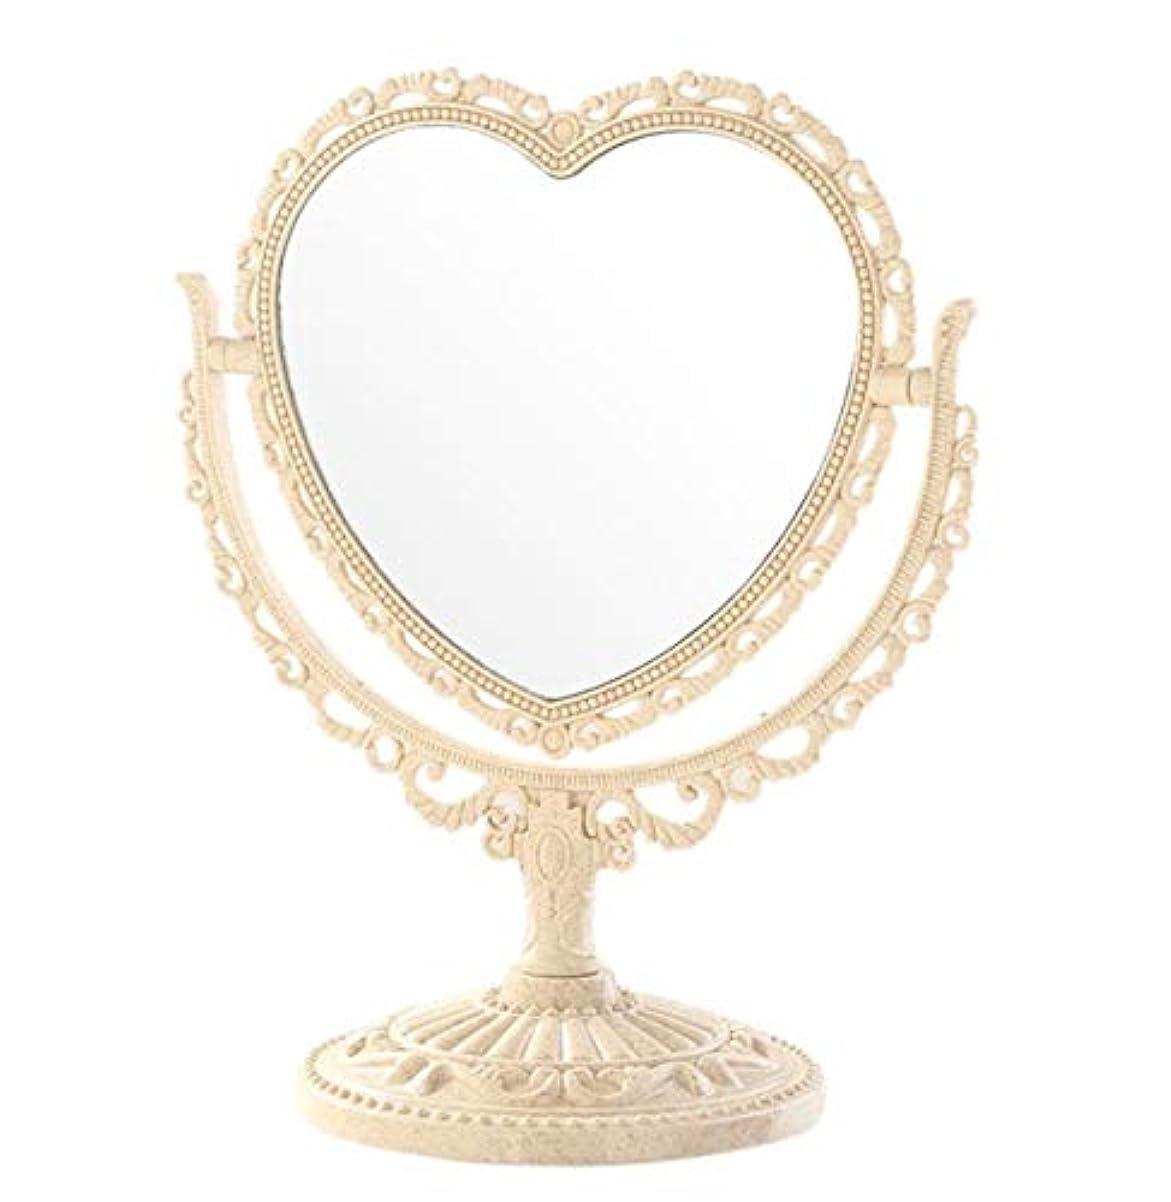 準拠ファブリック強制的[クイーンビー] 卓上 ミラー ハート 型 かわいい お洒落 メイク アップ コスメ 美容 化粧 鏡 スタンド 360度 回転 女の子 お姫様 便利 デスク プレゼント (ベージュ)